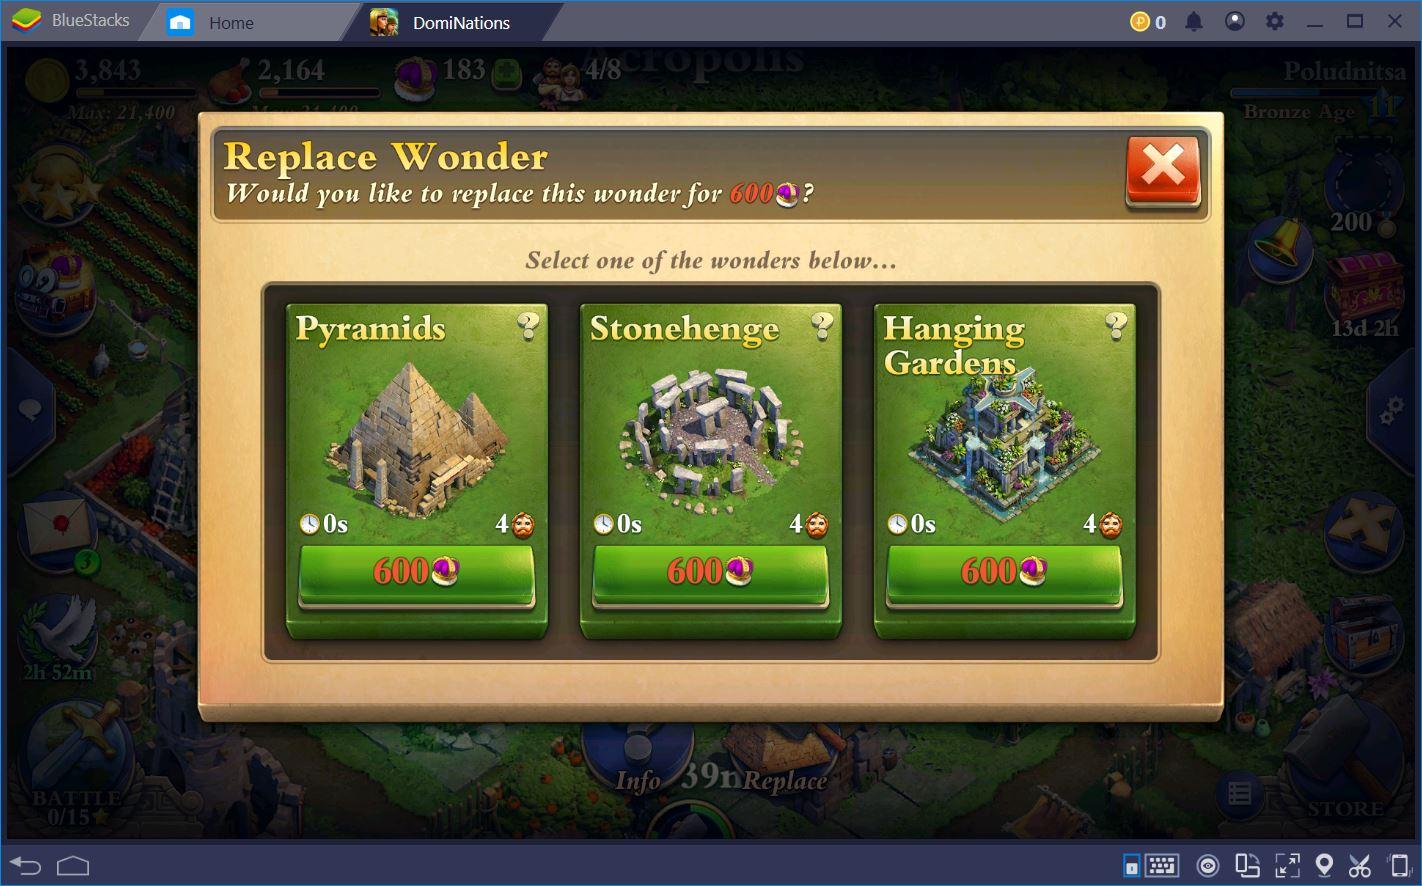 DomiNations: Choosing the Best Wonders